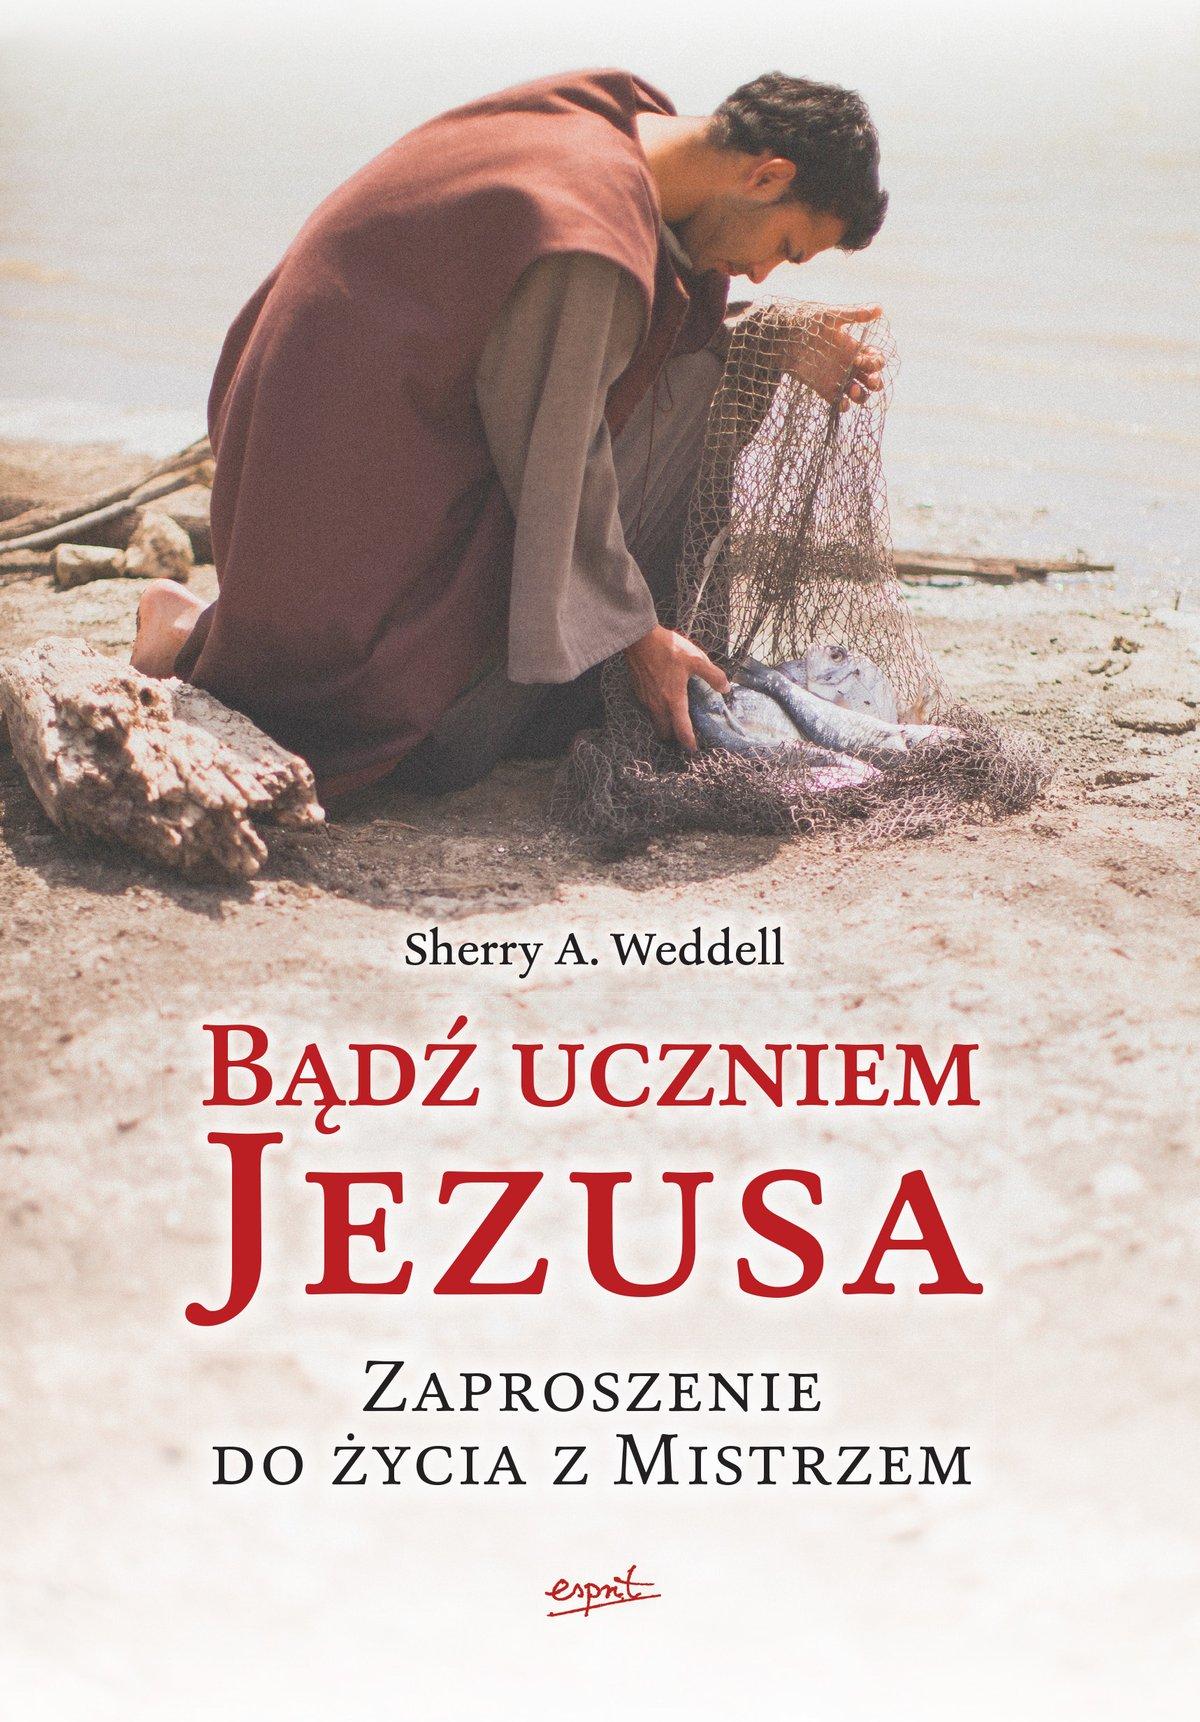 Bądź uczniem Jezusa - Ebook (Książka na Kindle) do pobrania w formacie MOBI